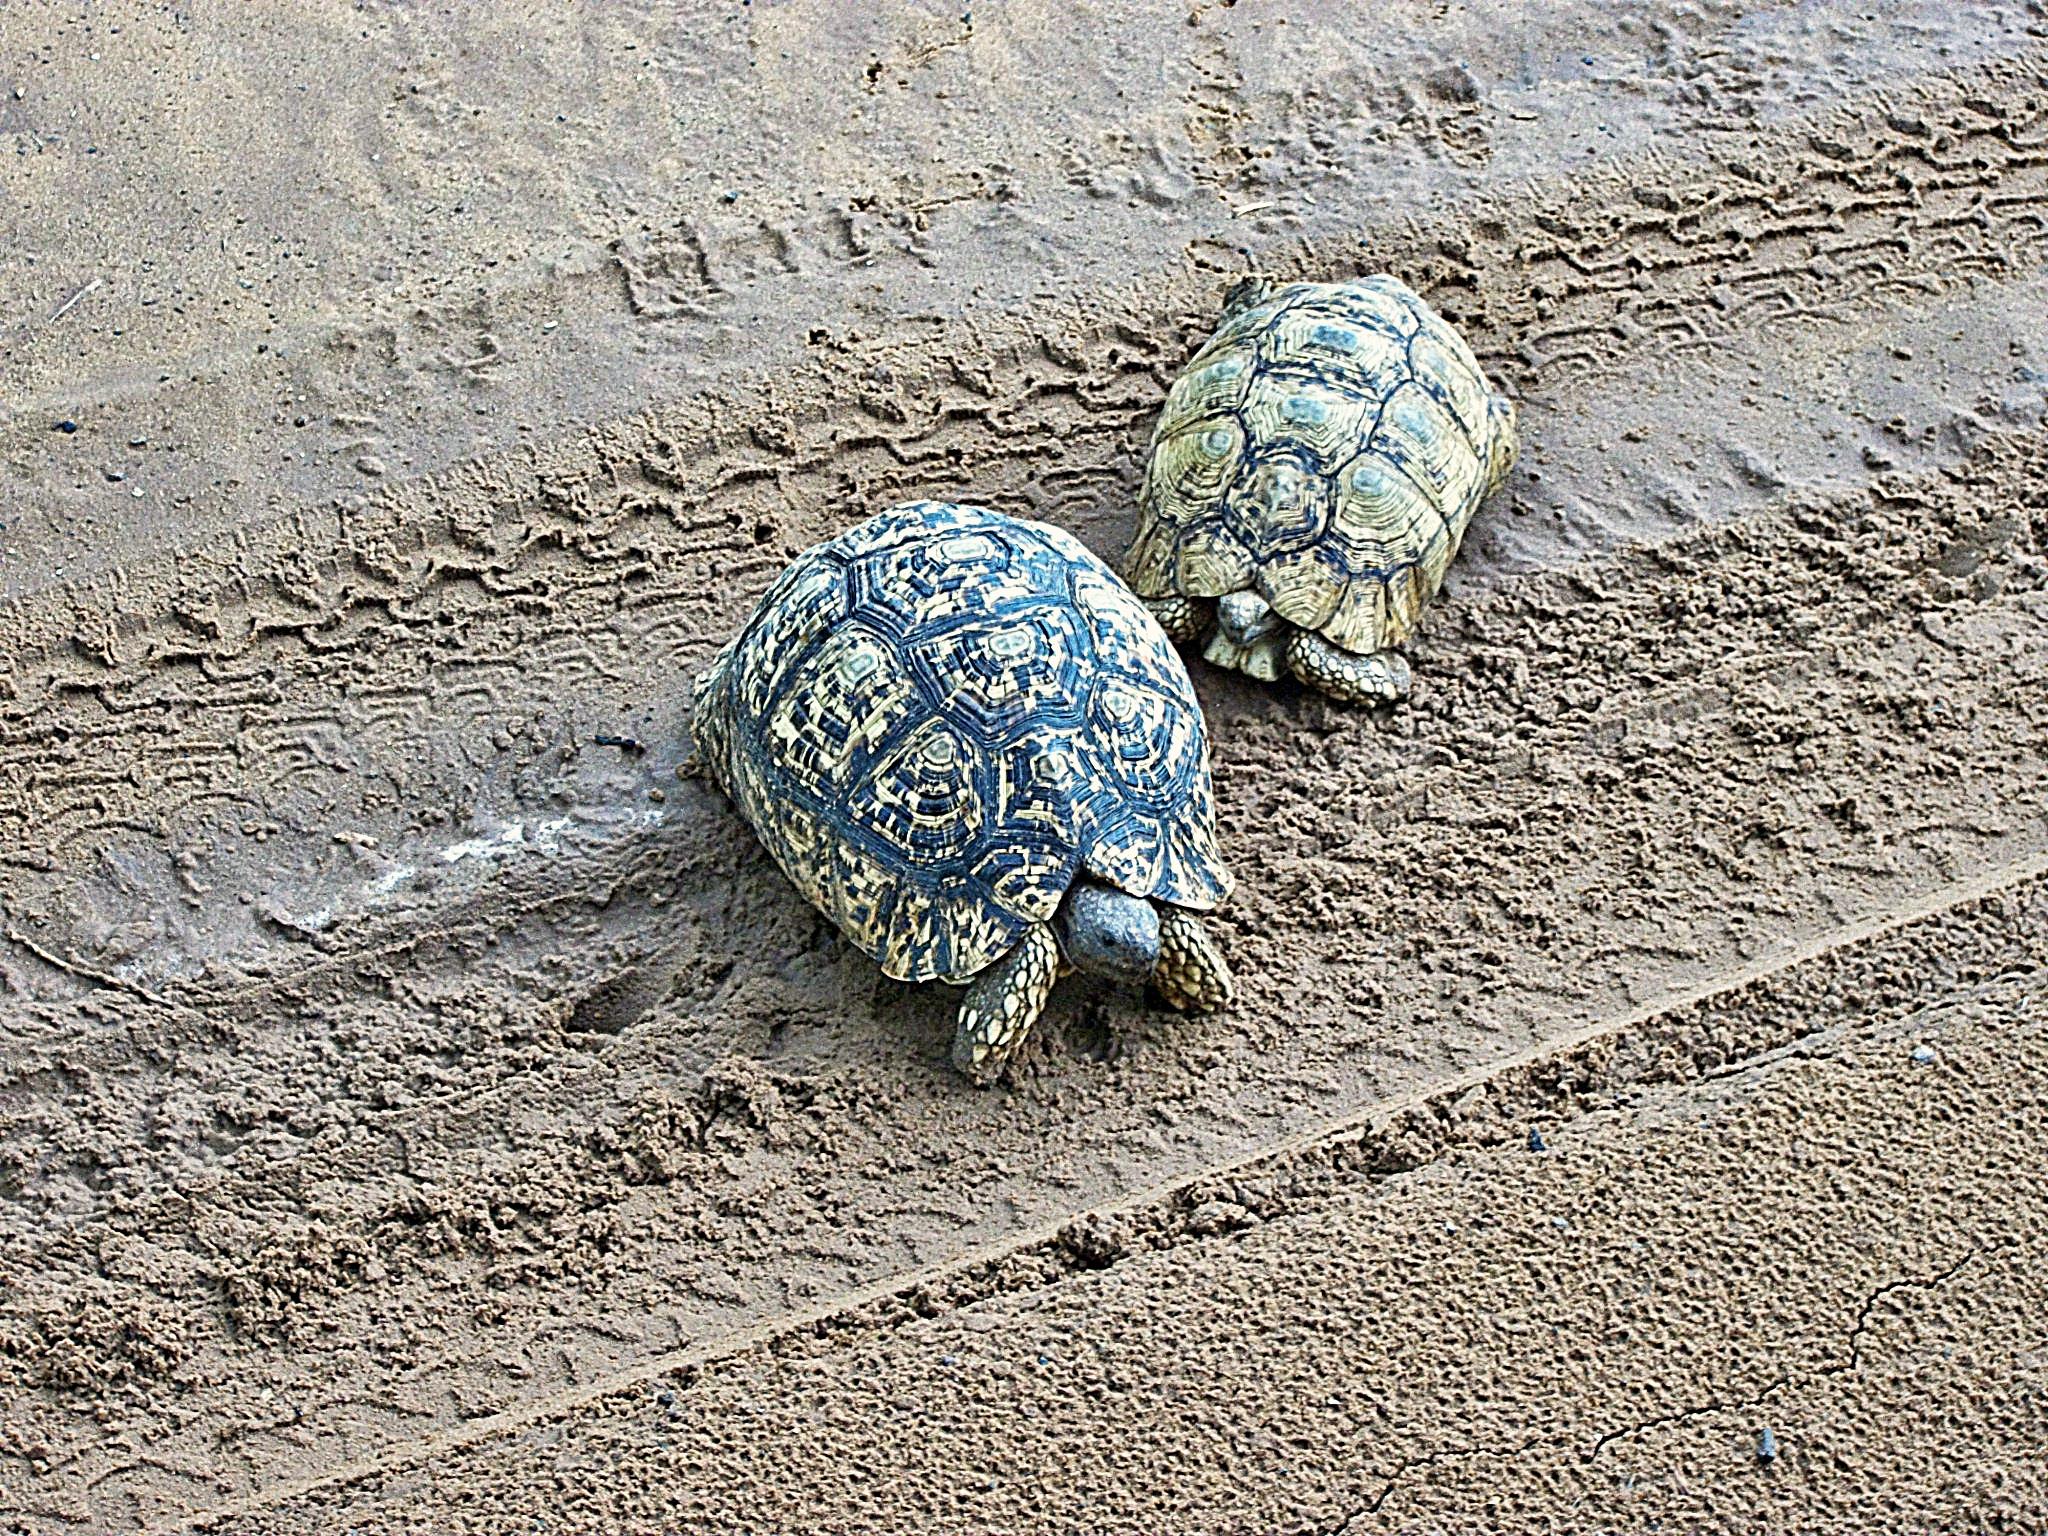 tortoise safari chobe national park botswana.JPG